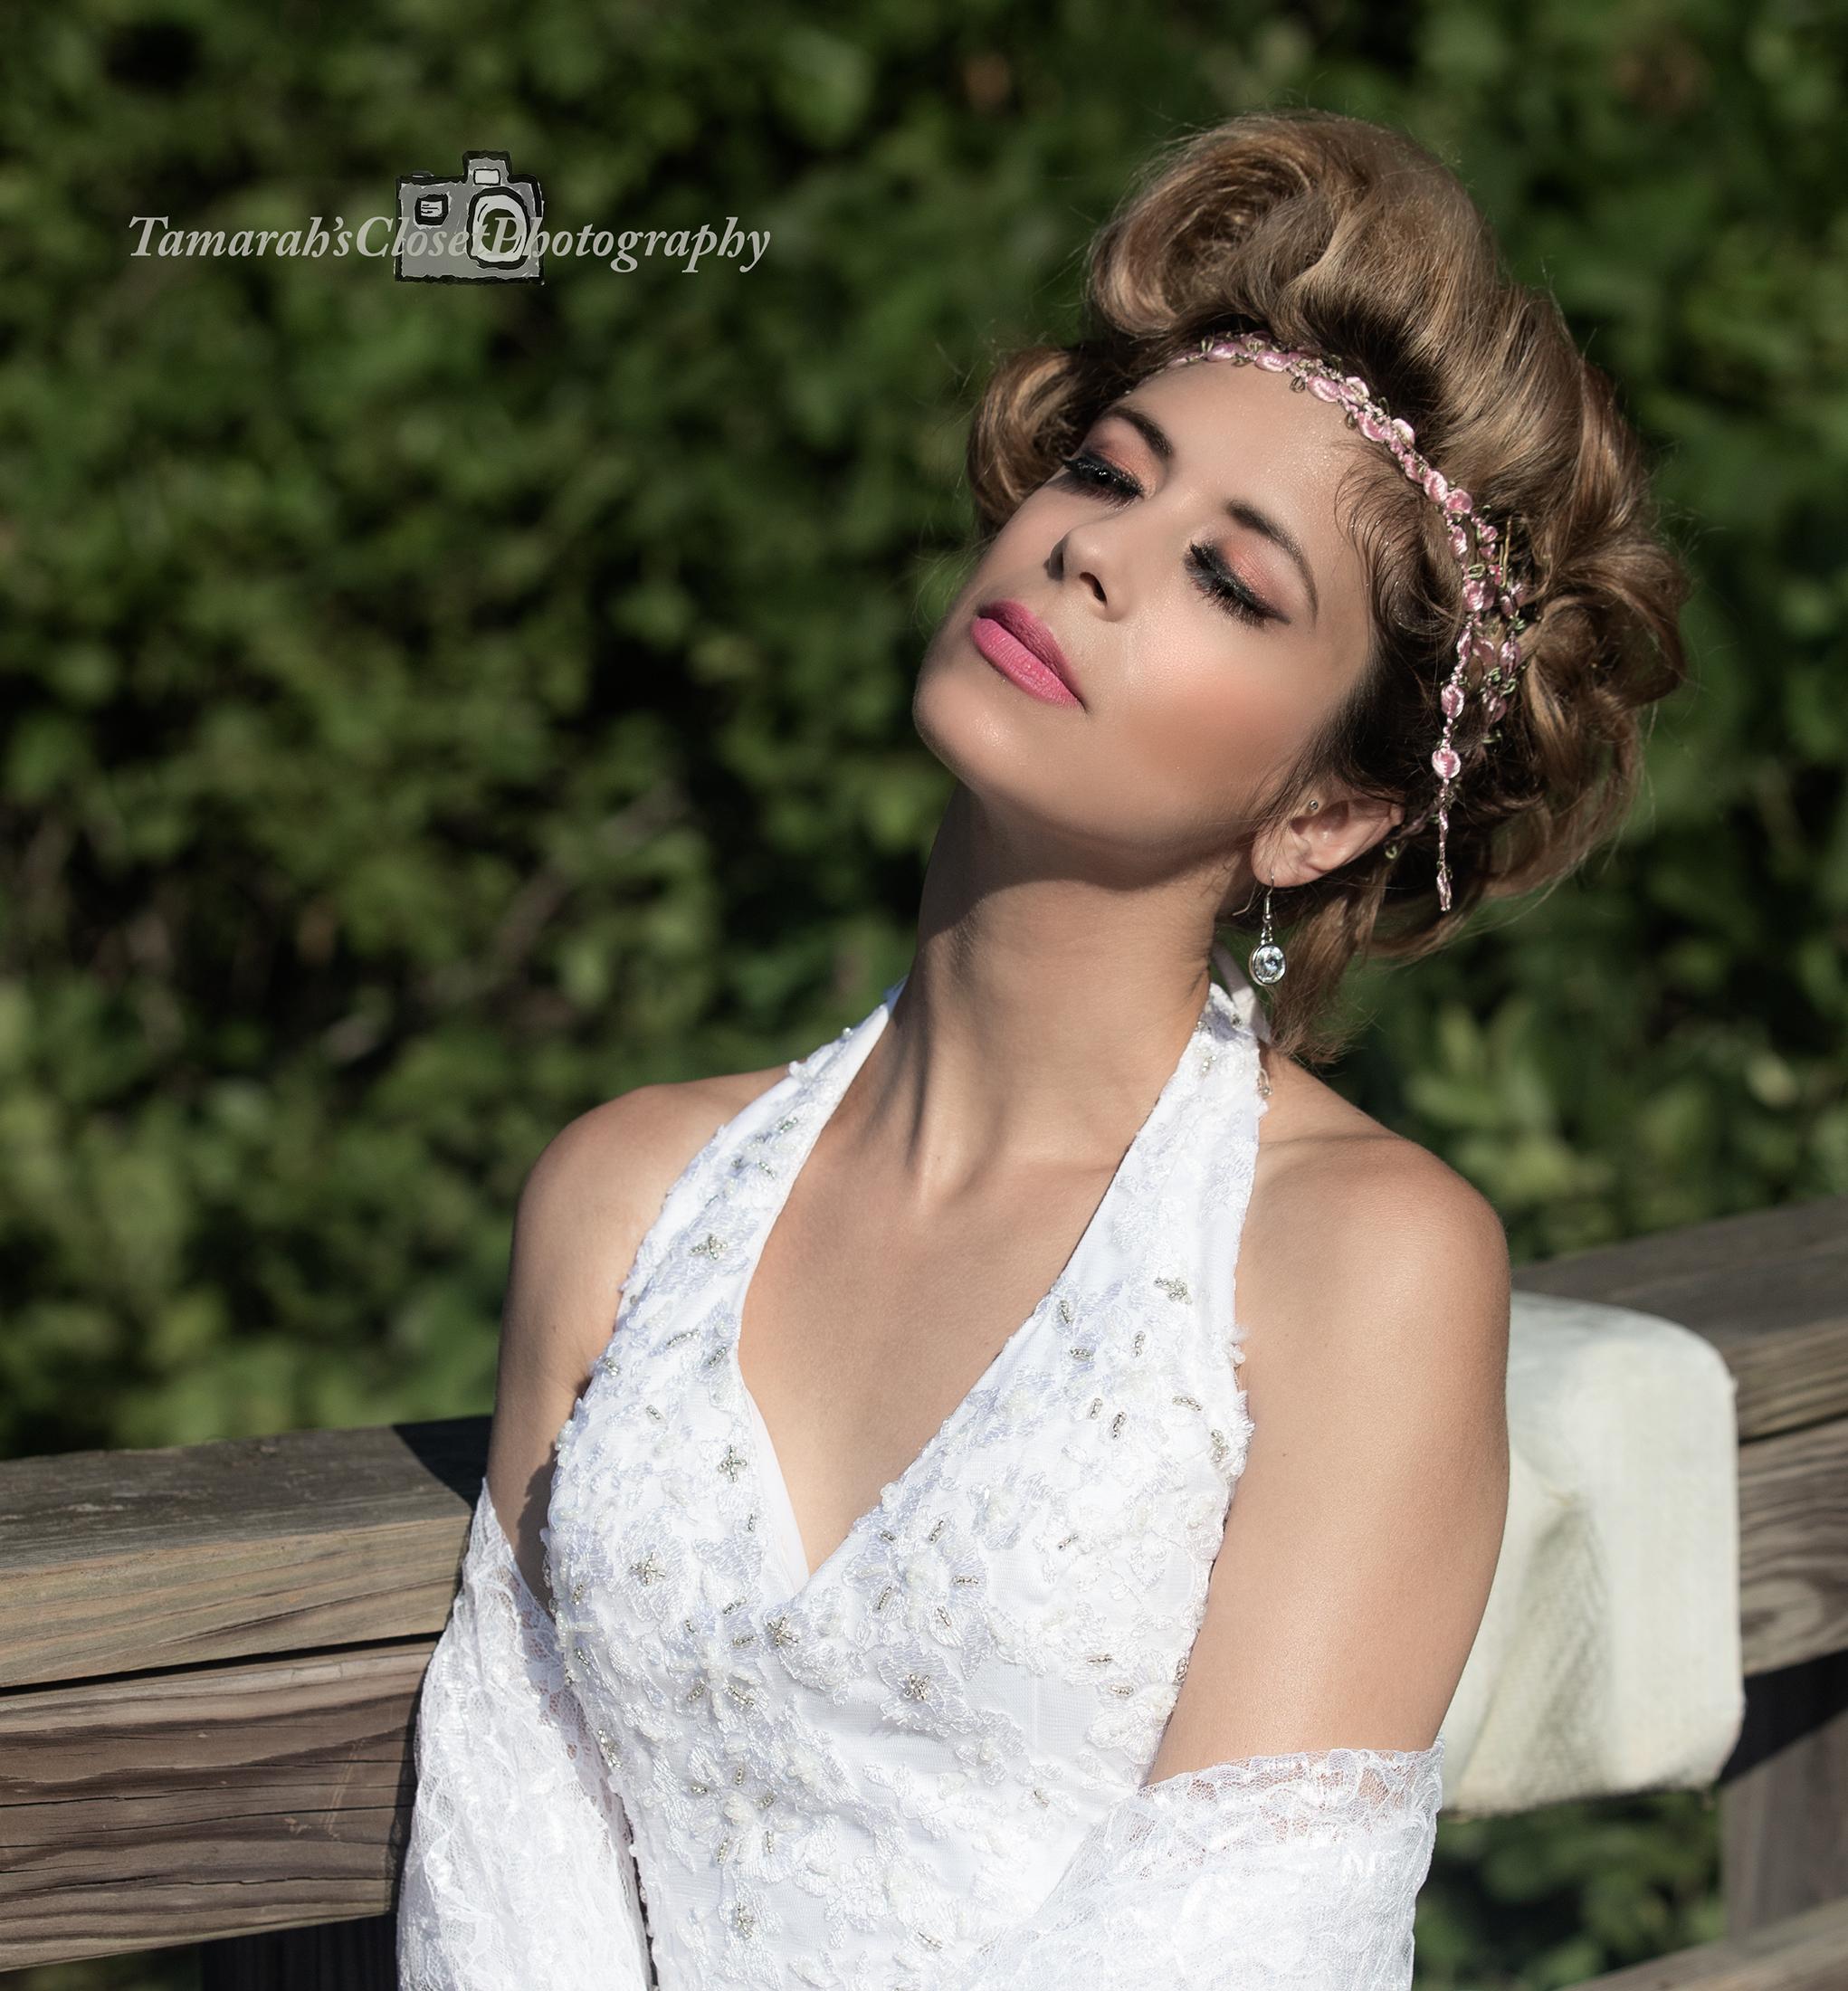 Hair, Makeup & Photography by Tamarah